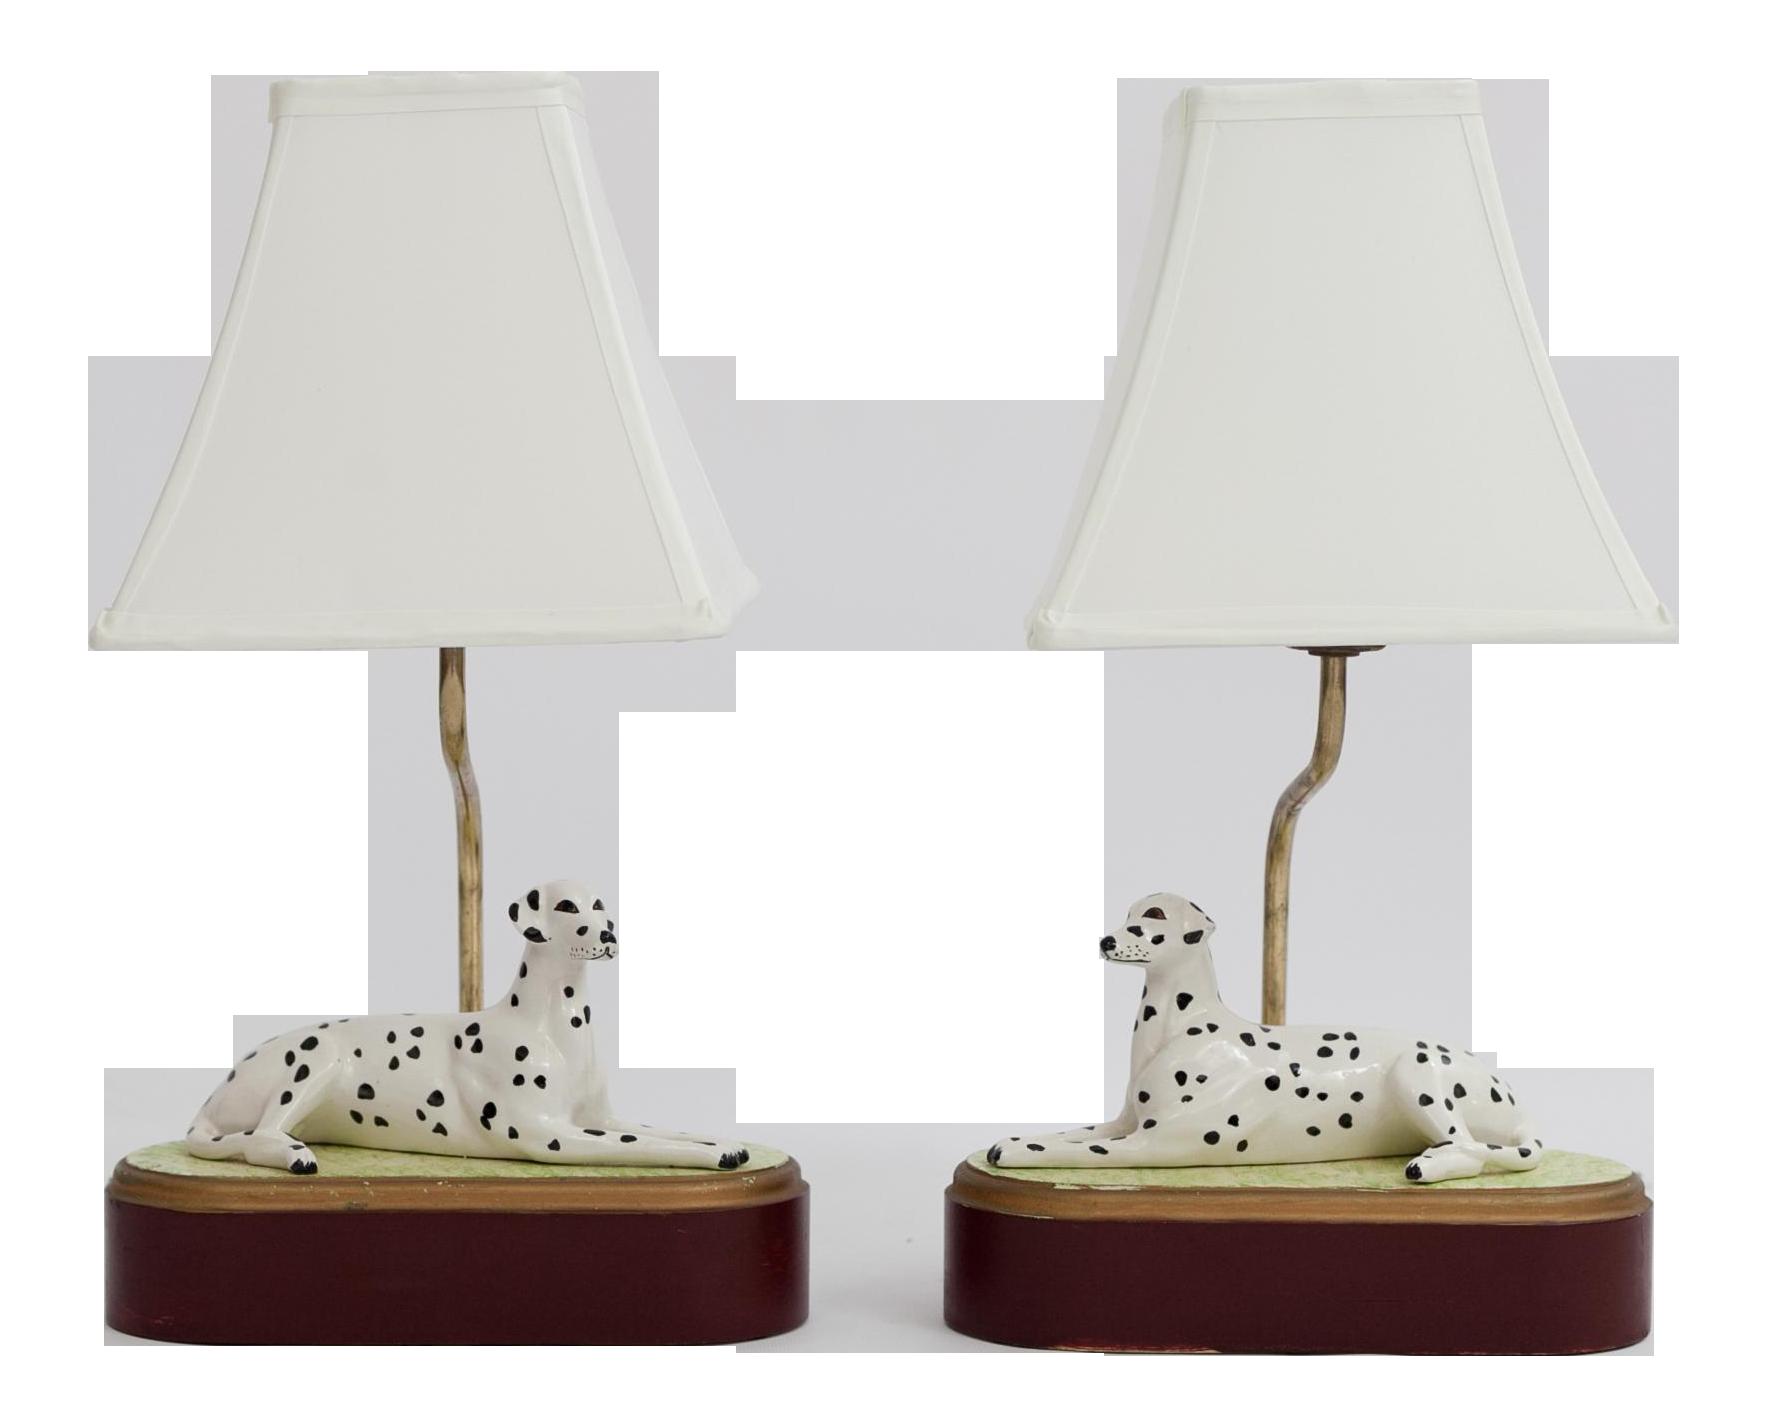 italian-majorca-dalmatian-lamps-a-pair-6204.png